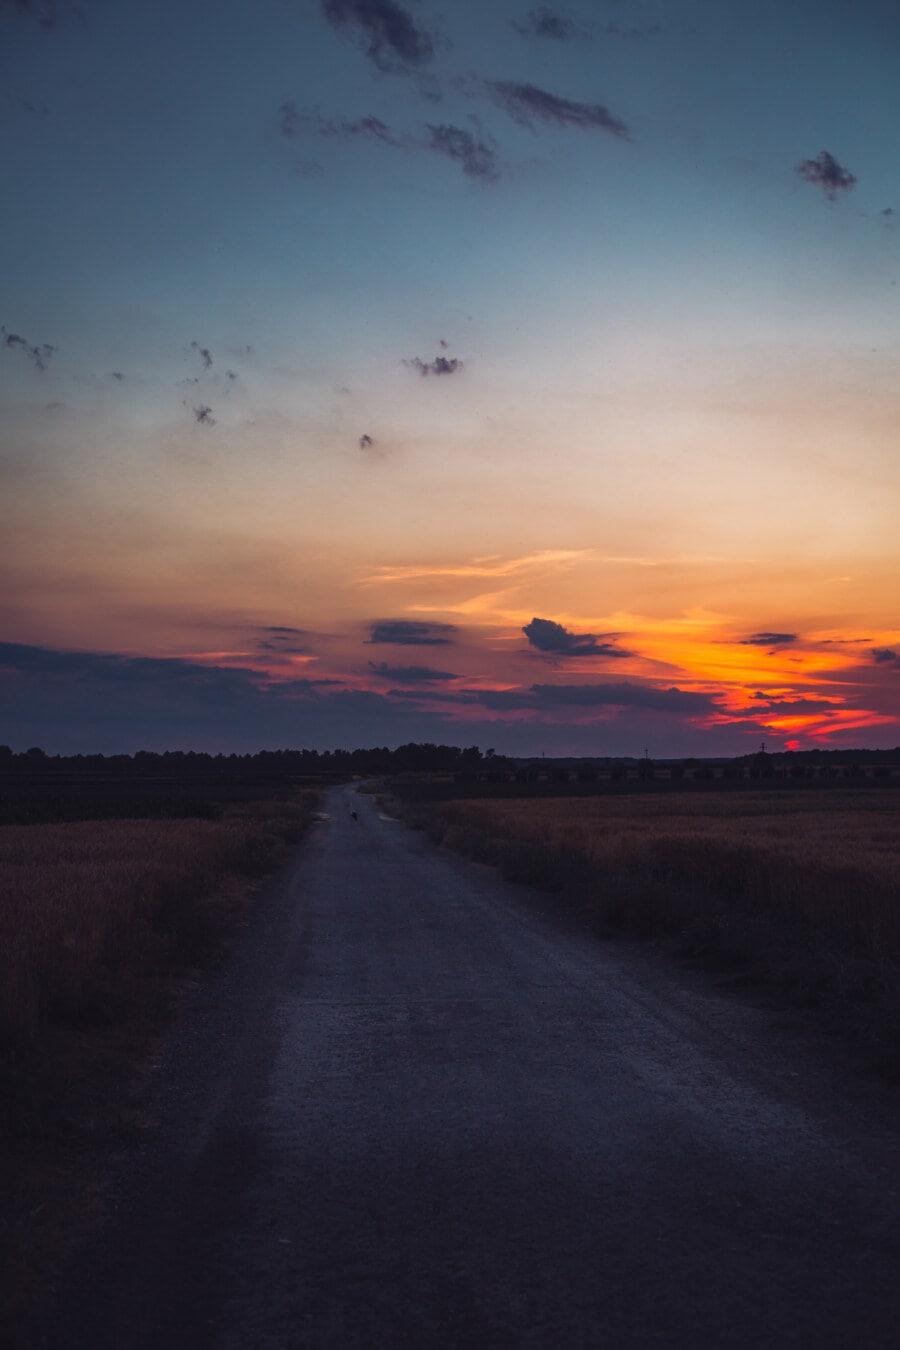 crépuscule, coucher de soleil, crépuscule, rural, Itinéraire, domaine, Agriculture, nuages, atmosphère, Star